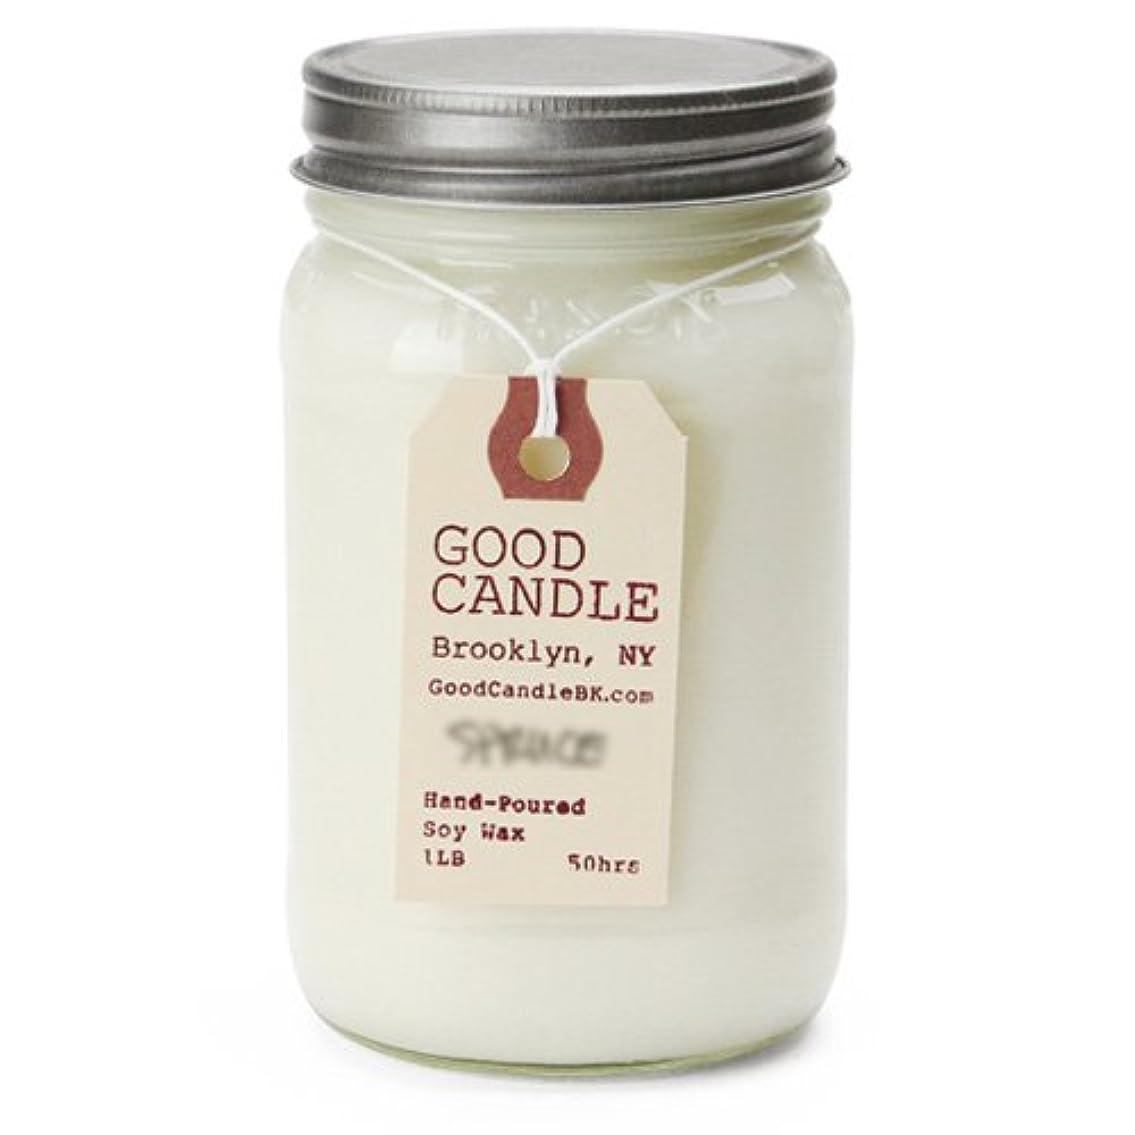 ワイン骨コンテンポラリーグッドキャンドル 1ポンド メイソンジャー キャンドル Good Candle 1LB Mason jar candle [ bayberry ] 正規品